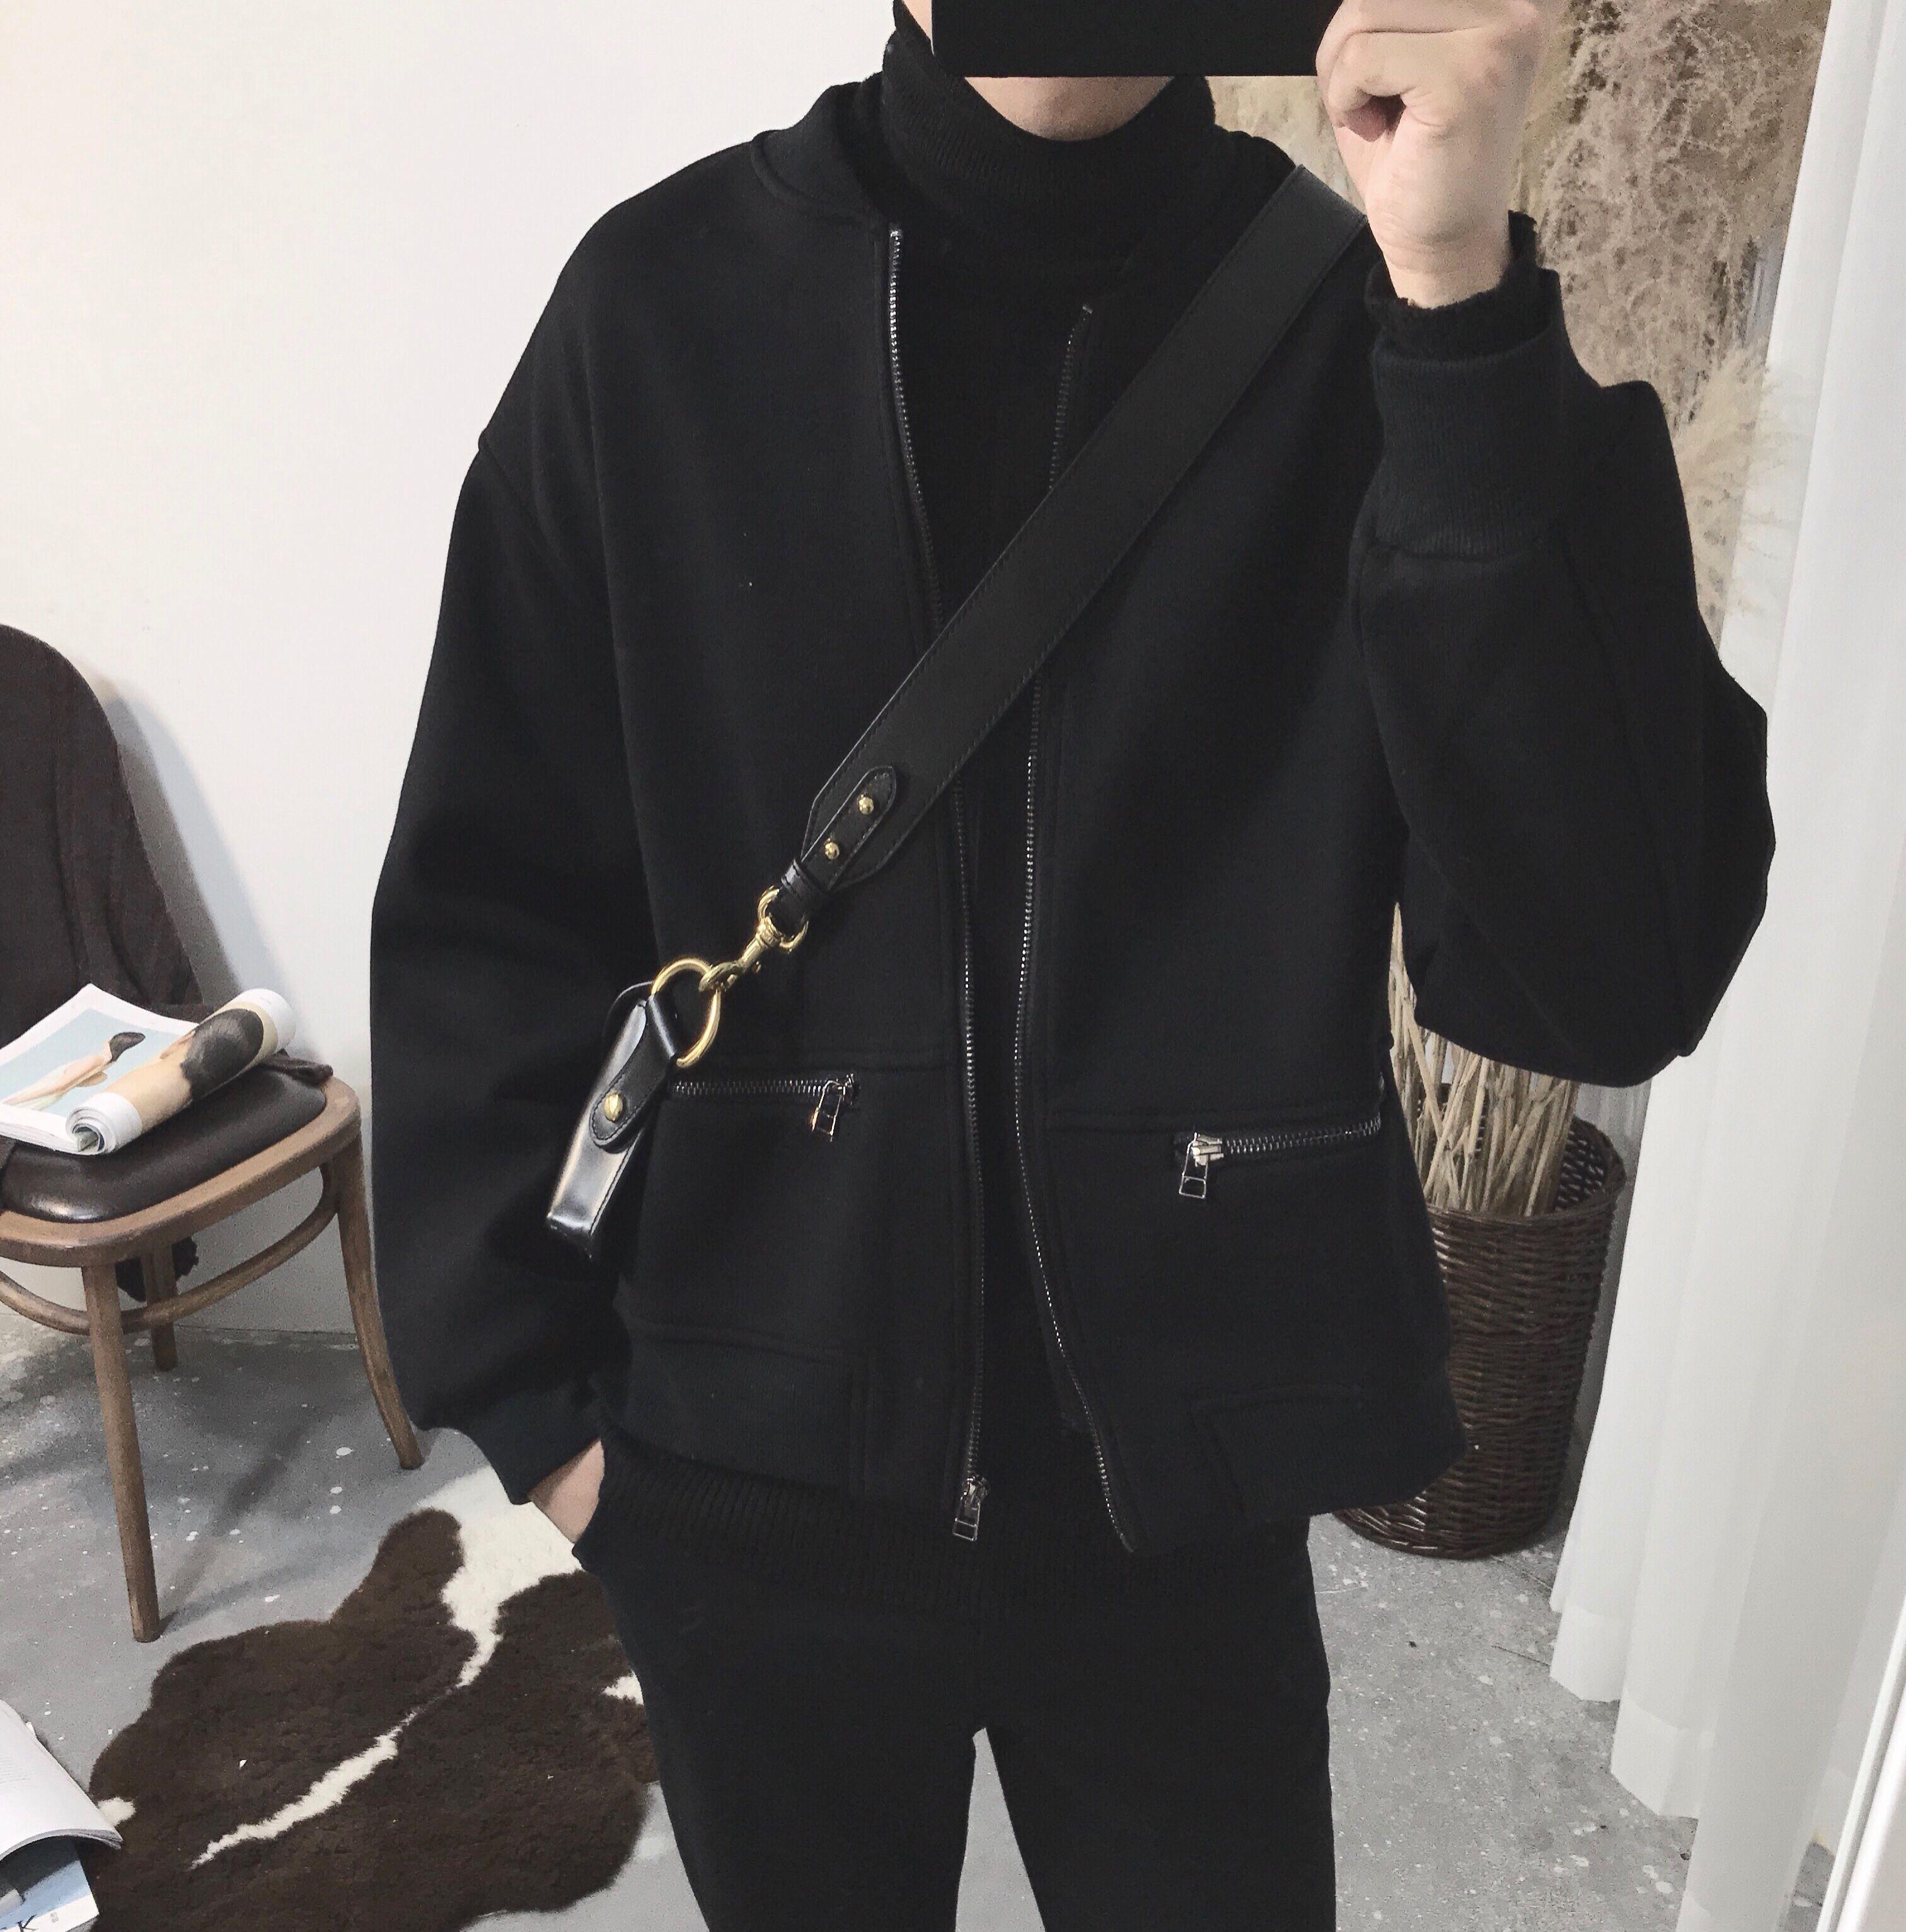 阿茶与阿古黑色廓形短款黑色棒球服夹克